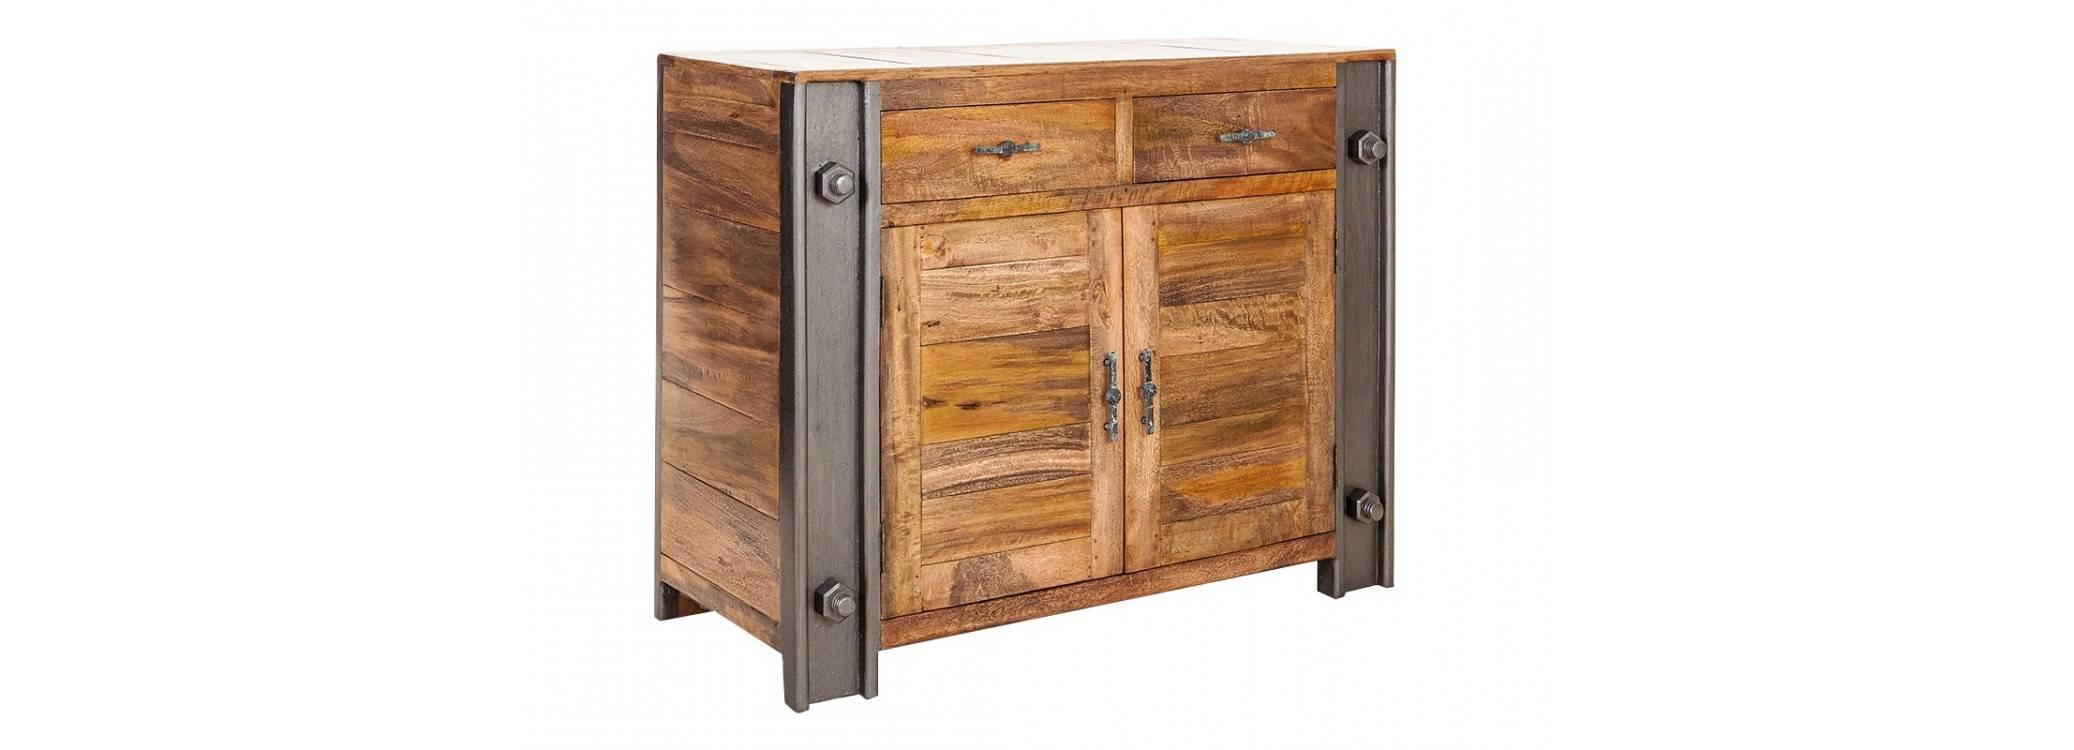 Buffet industriel Profile - 2 portes et 2 tiroirs